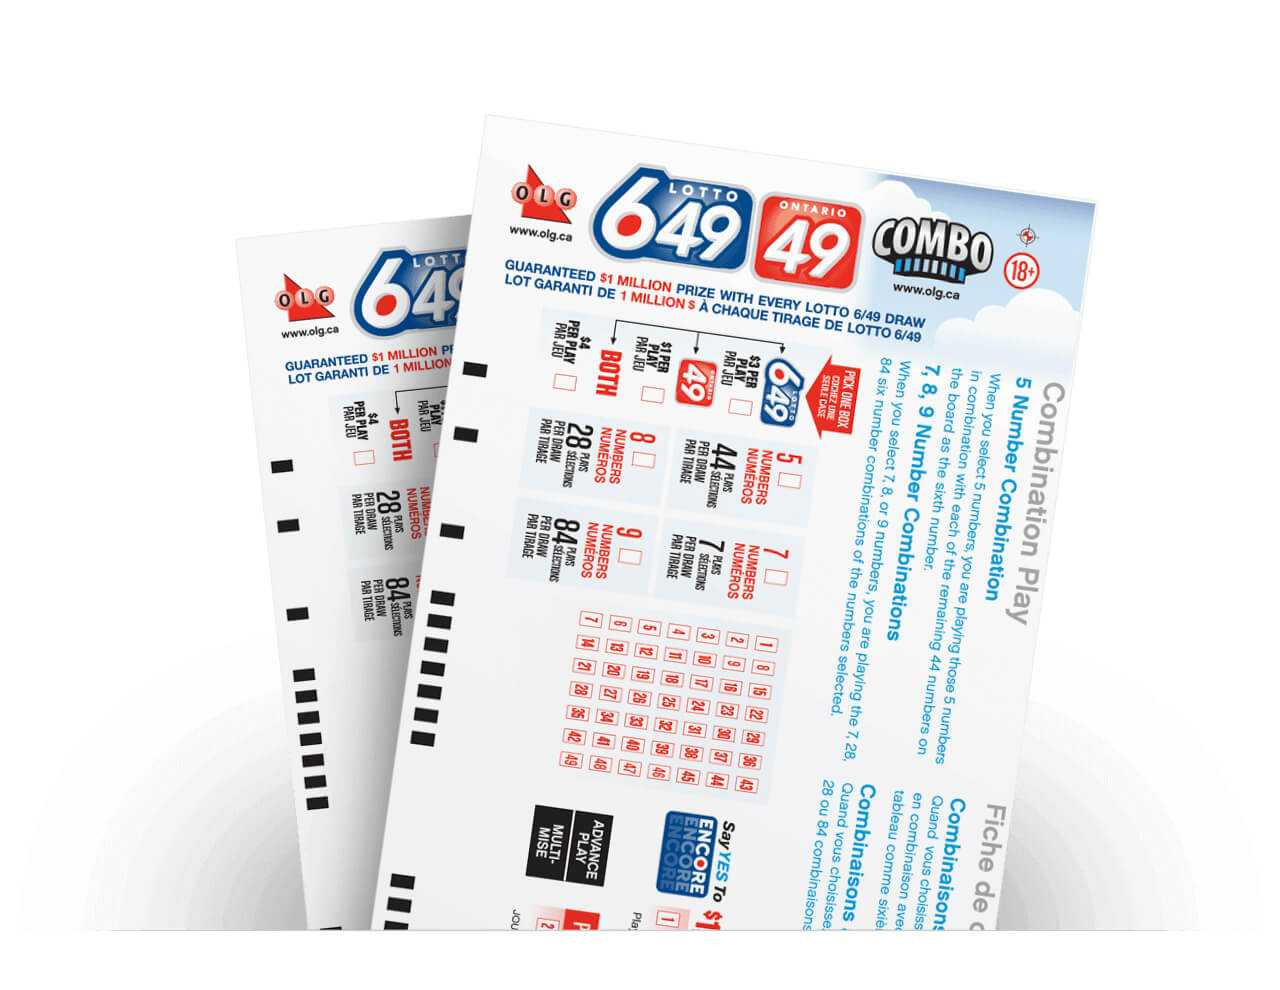 Kanada Ontario 49 strategie wygrywania na loterii